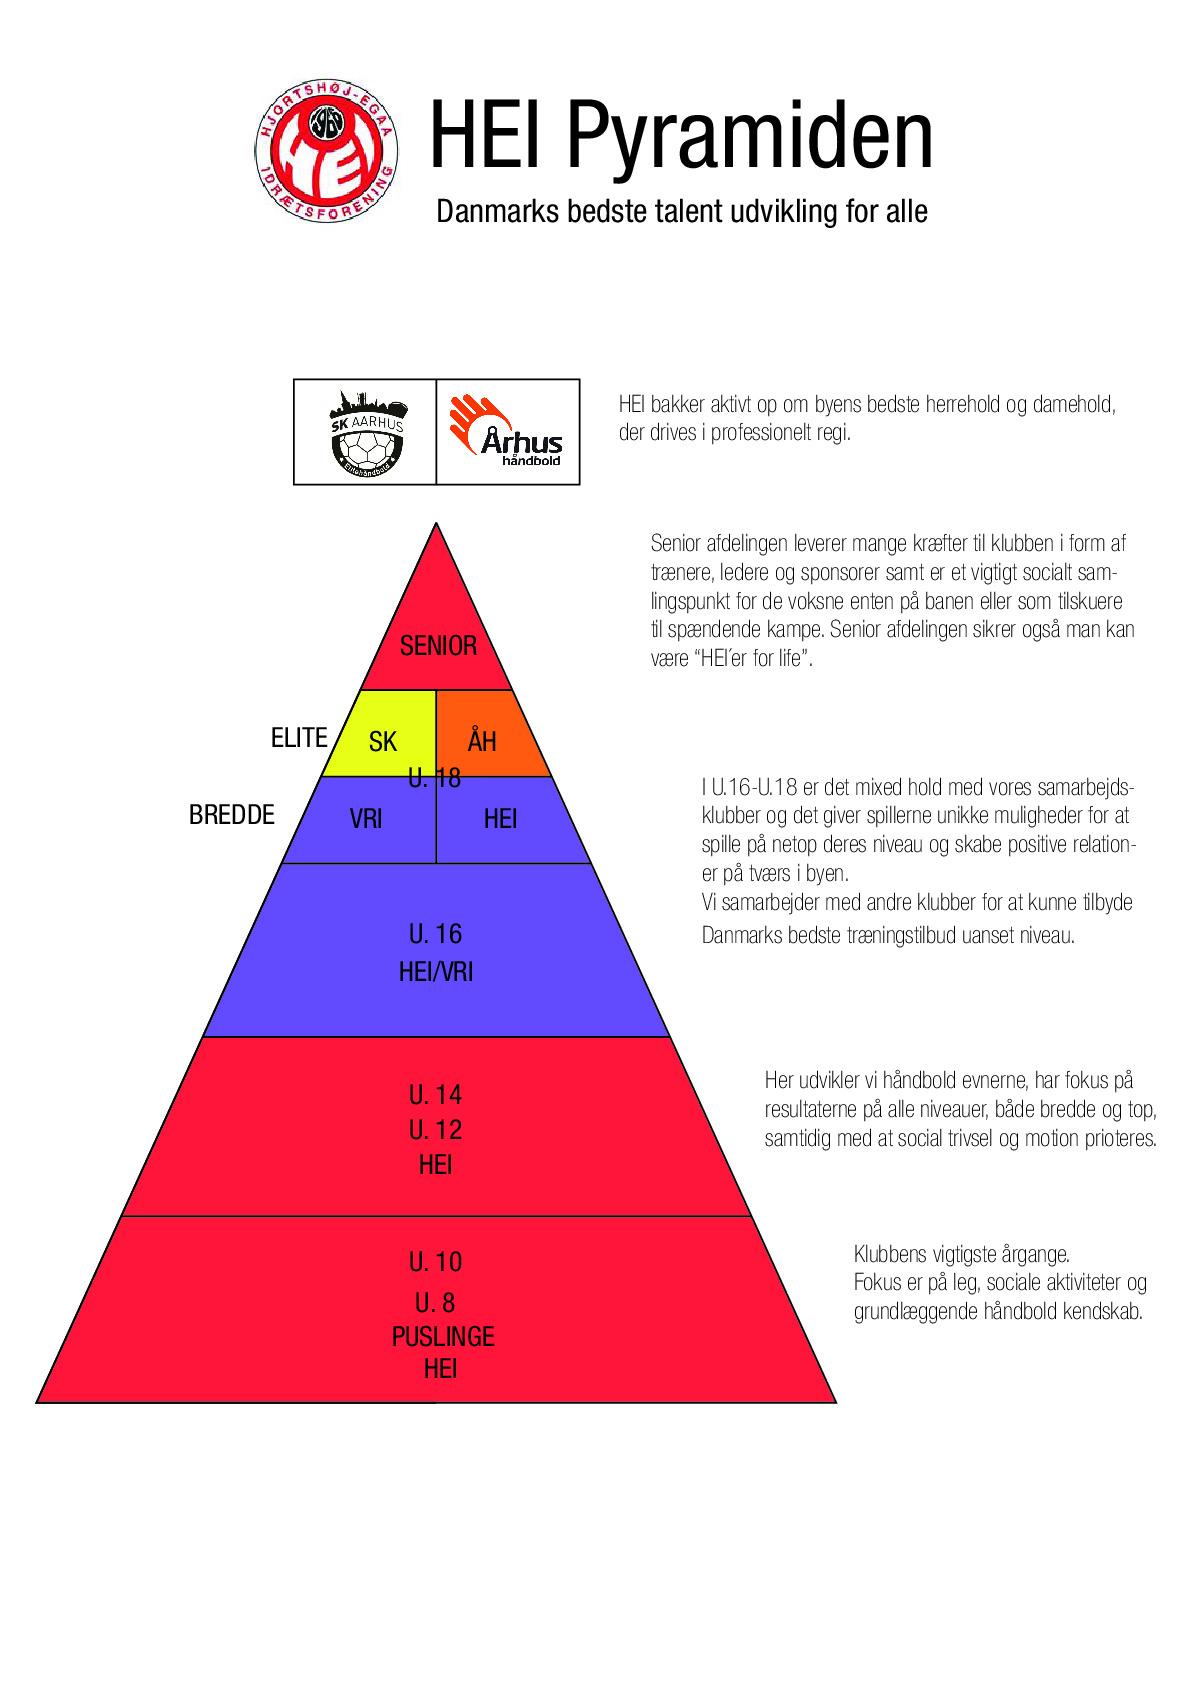 Pyramiden_h%c3%b8jformat